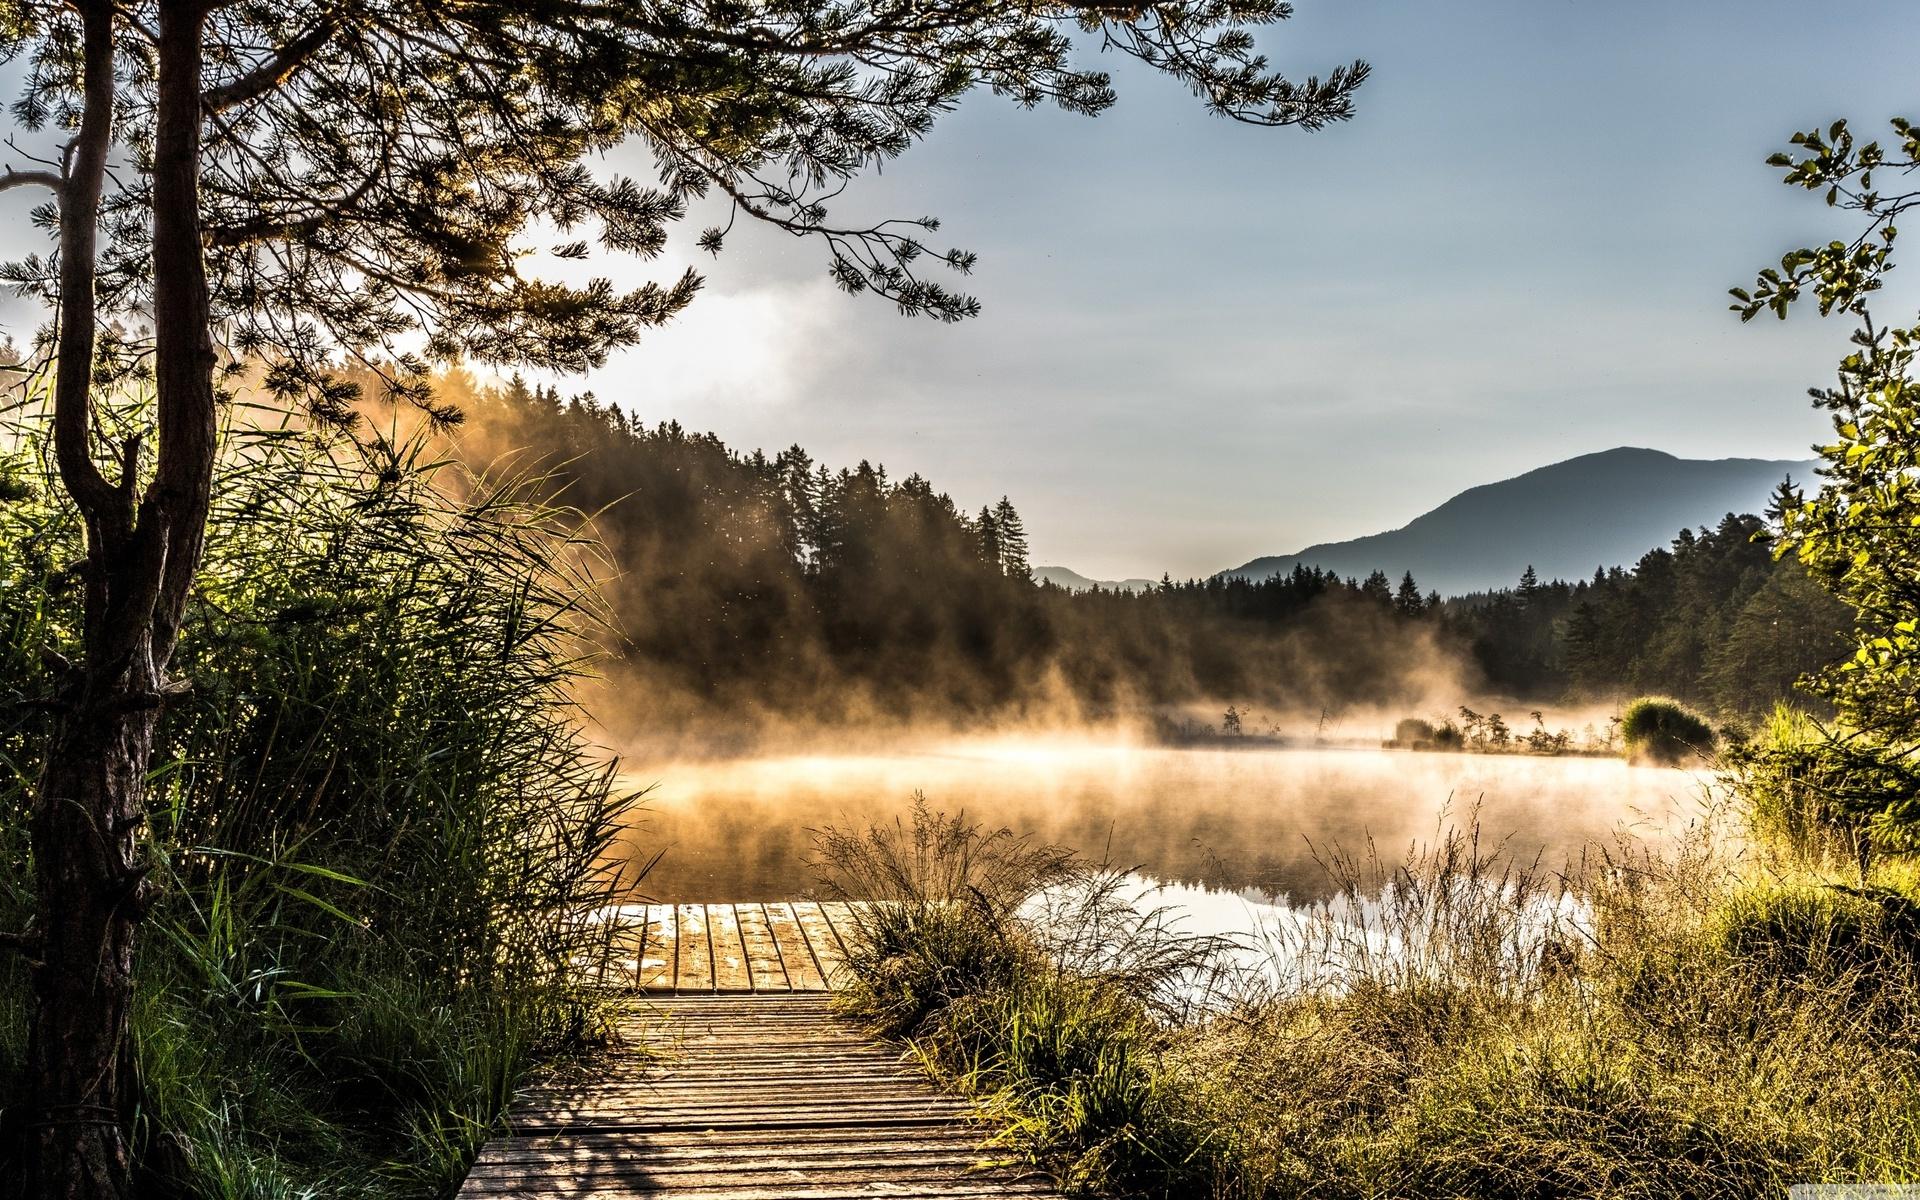 Egelsee Lake in Carinthia (1920x1200)